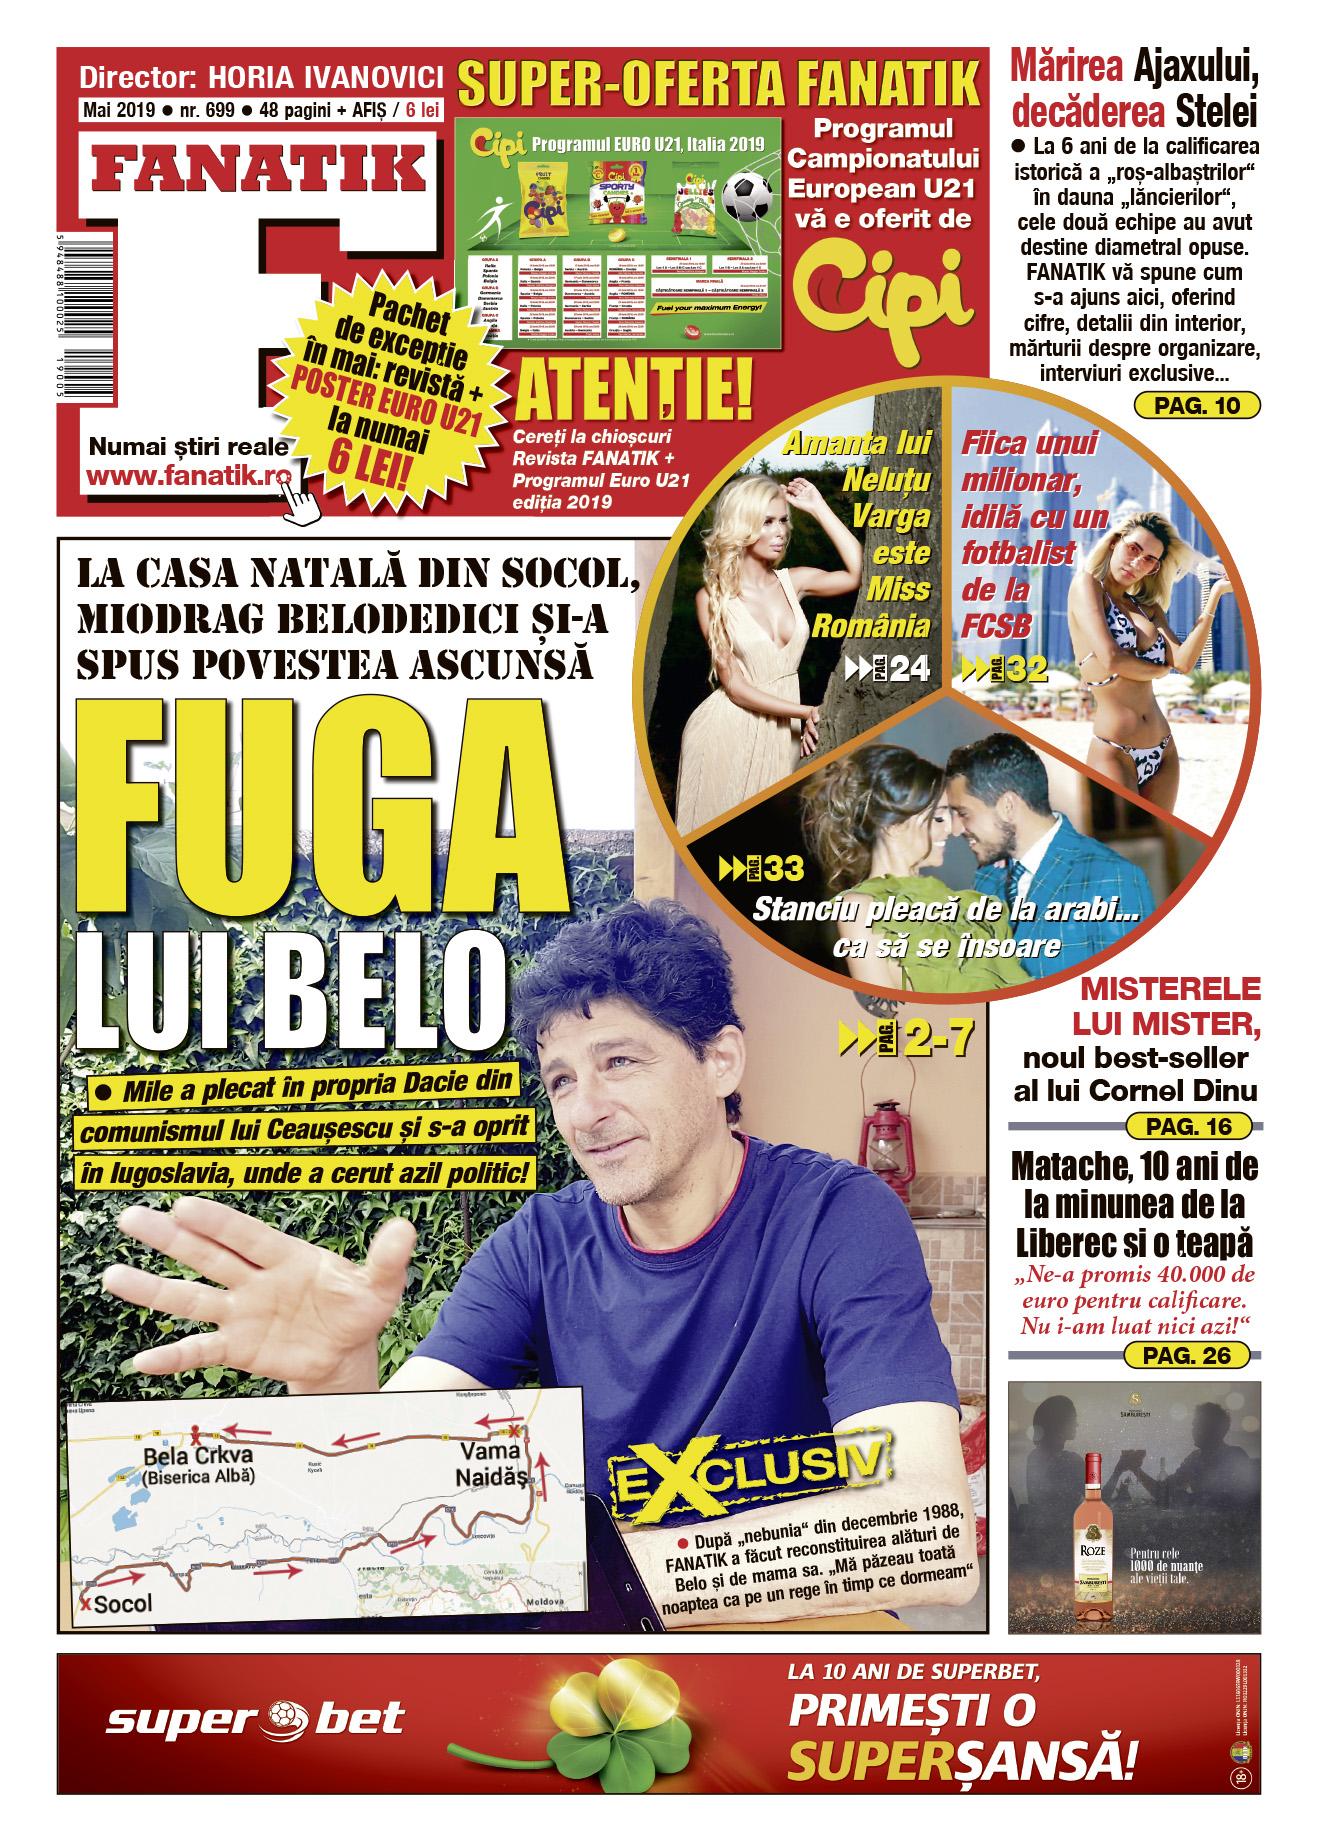 Nu rata un achet de excepție oferit de revista FANATIK din luna mai: poster cu programul Campionatului European U21 + 48 de pagini cu exclusivități, totul la numai 6 lei! Acum la toate chioșcurile de vânzare a presei!